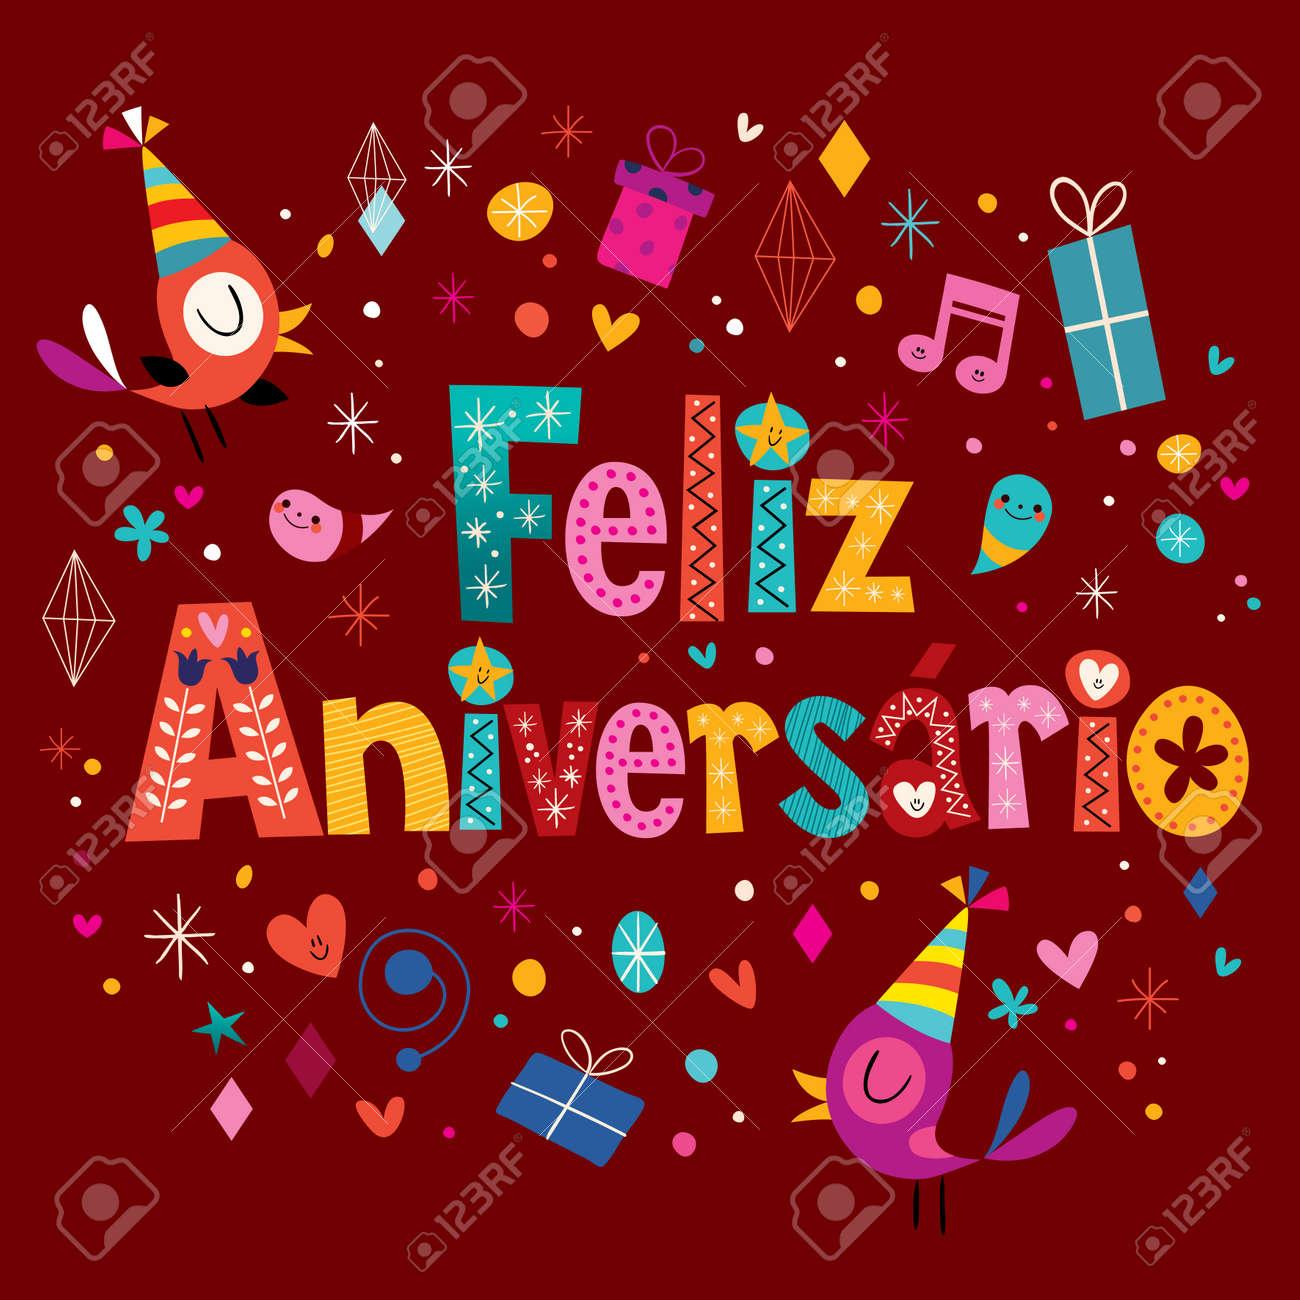 Feliz Aniversario Portuguese Happy Birthday Greeting Card Royalty